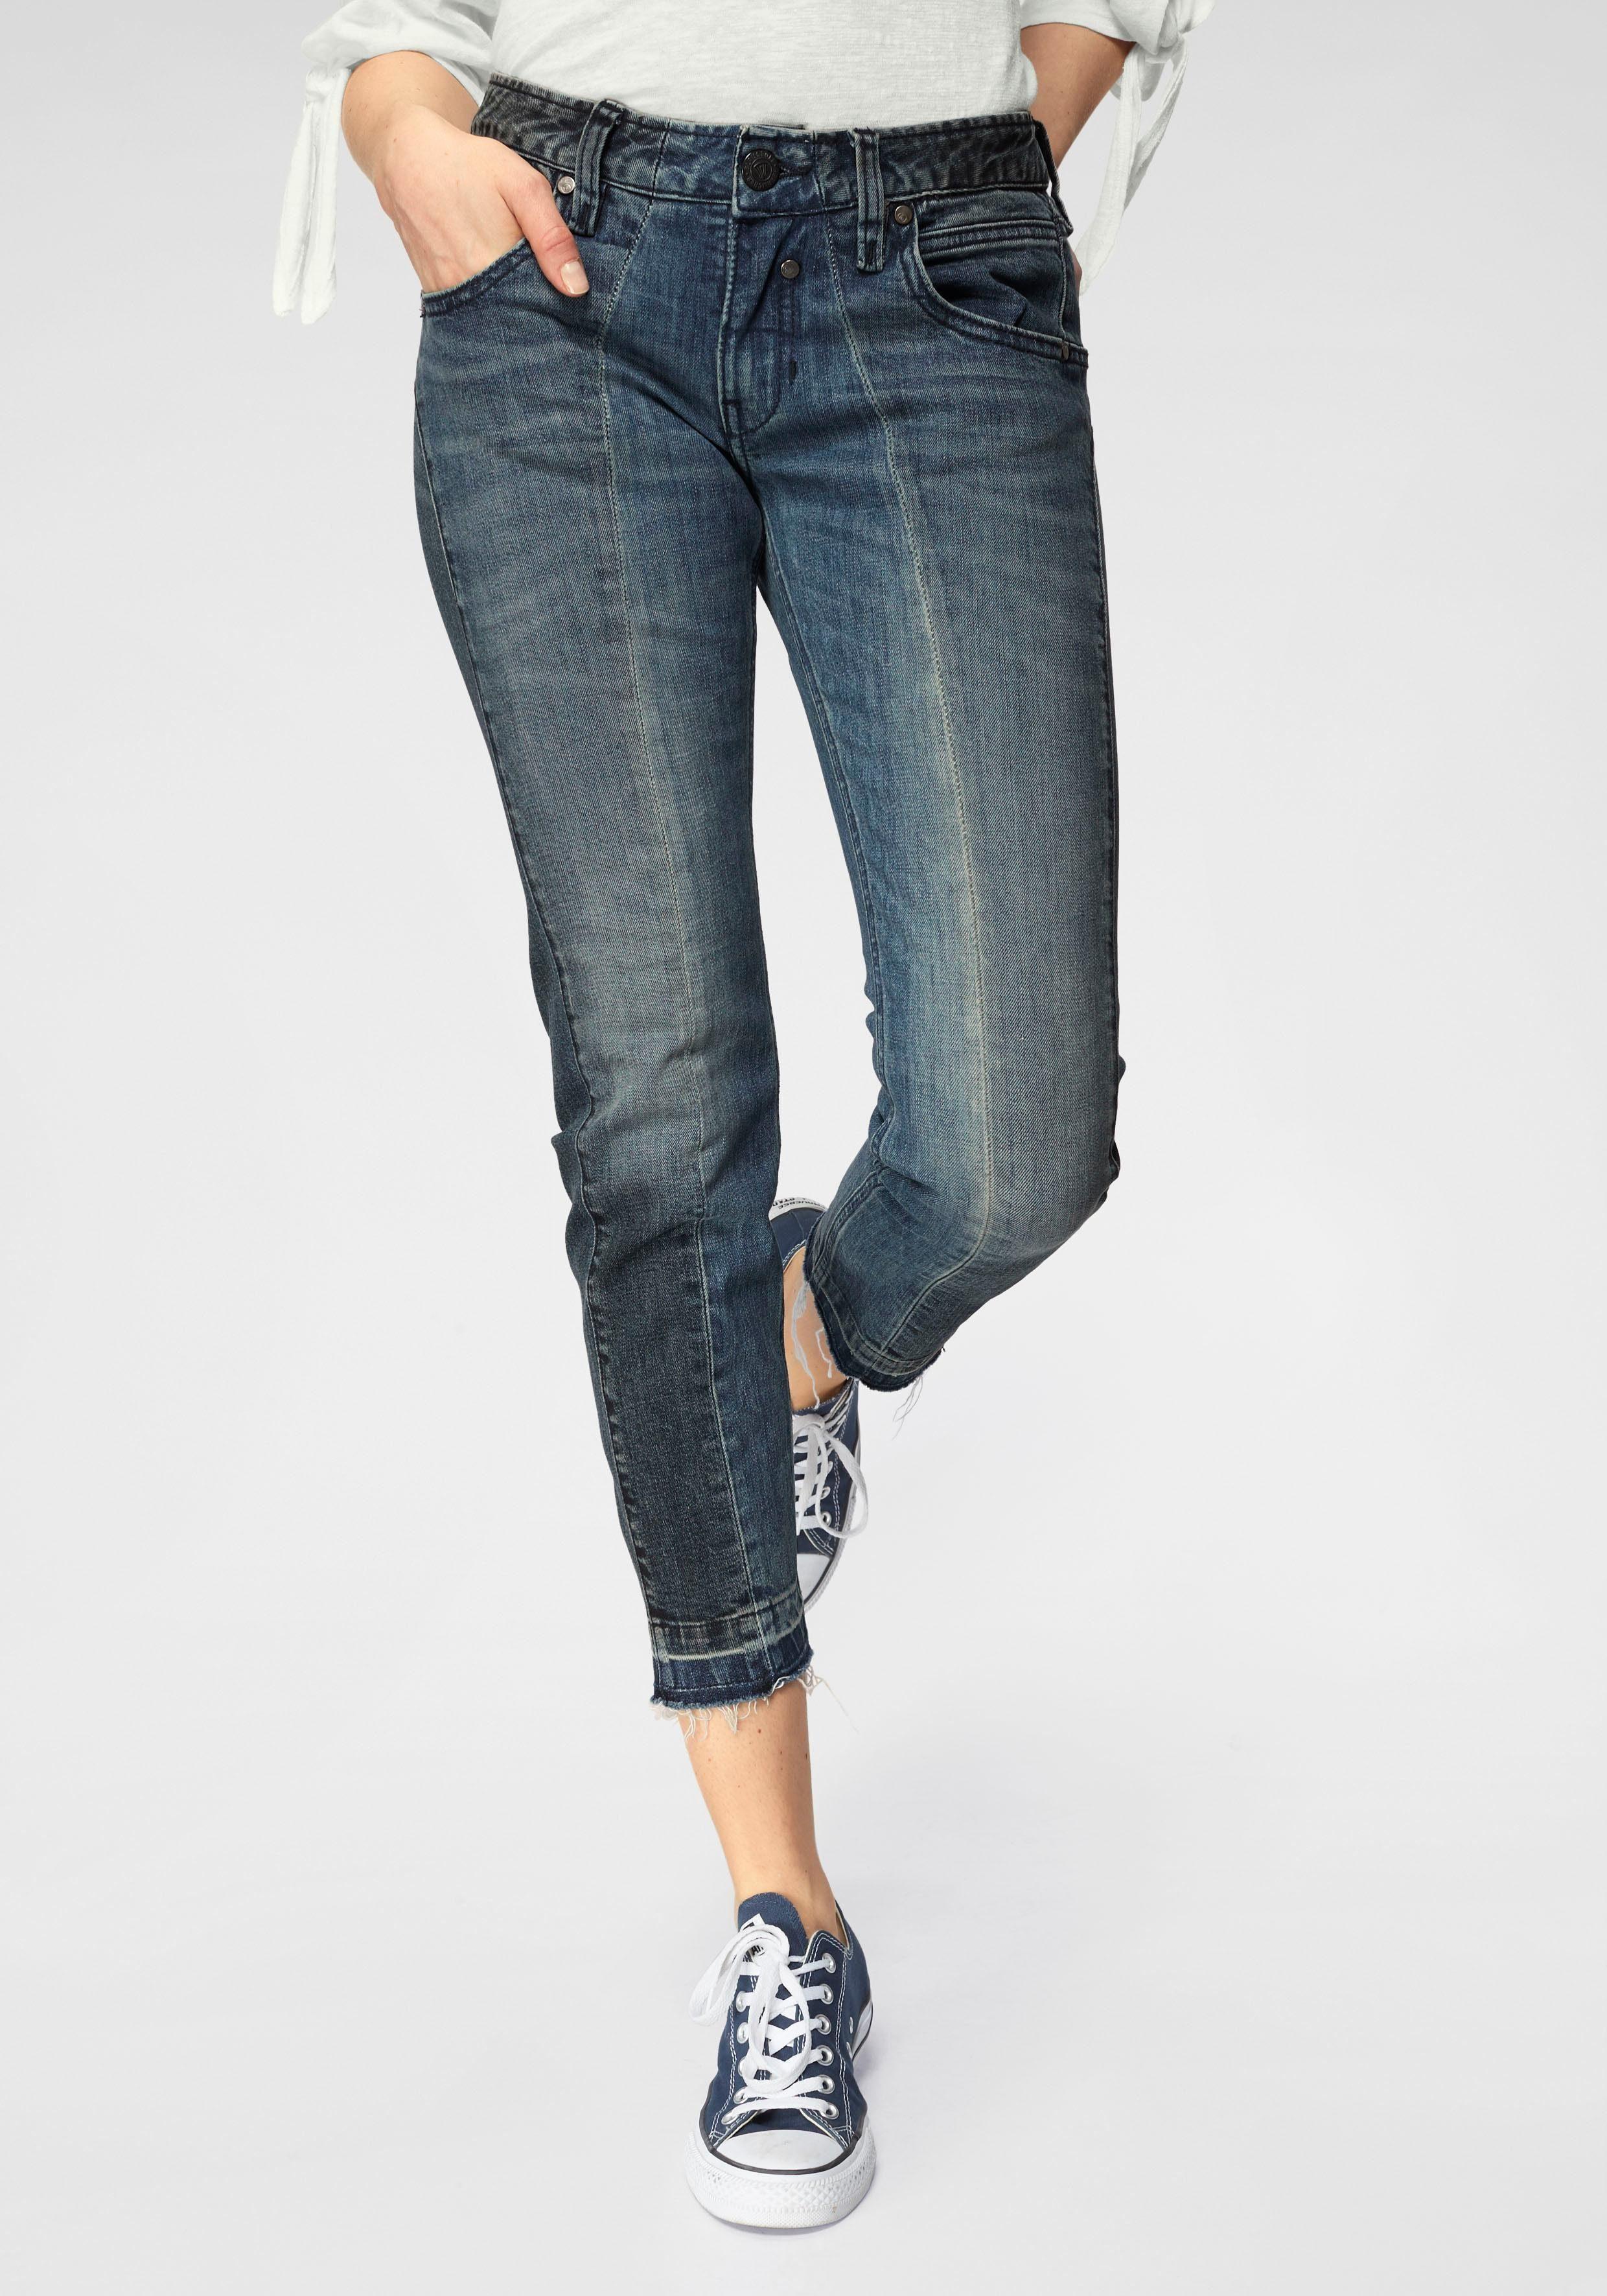 Herrlicher 78 Jeans »TOUCH CROPPED« mit ausgefransten Säumen online kaufen | OTTO